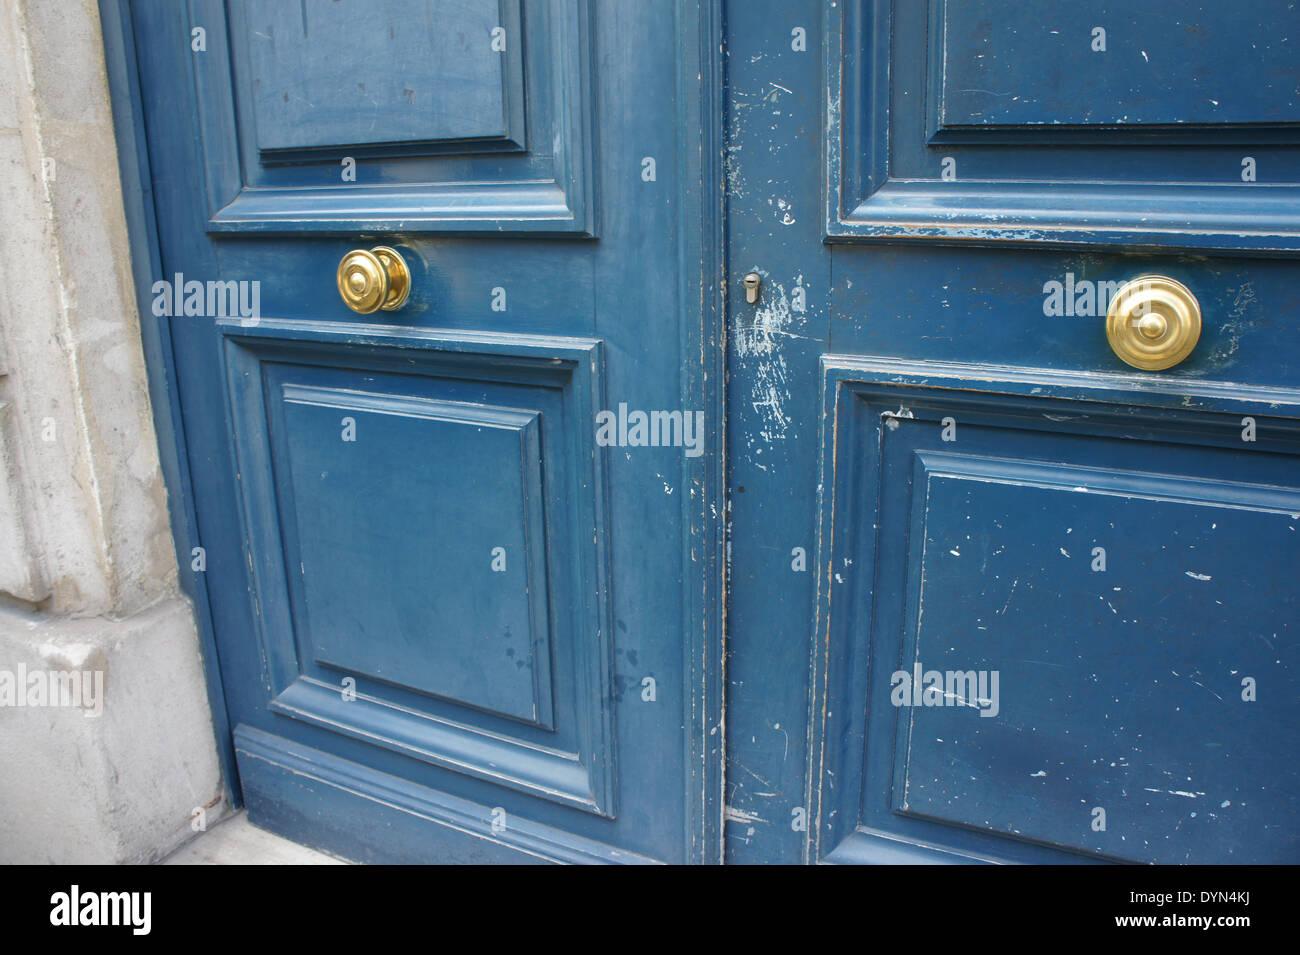 Blue Door Knobs Stock Photos & Blue Door Knobs Stock Images - Alamy